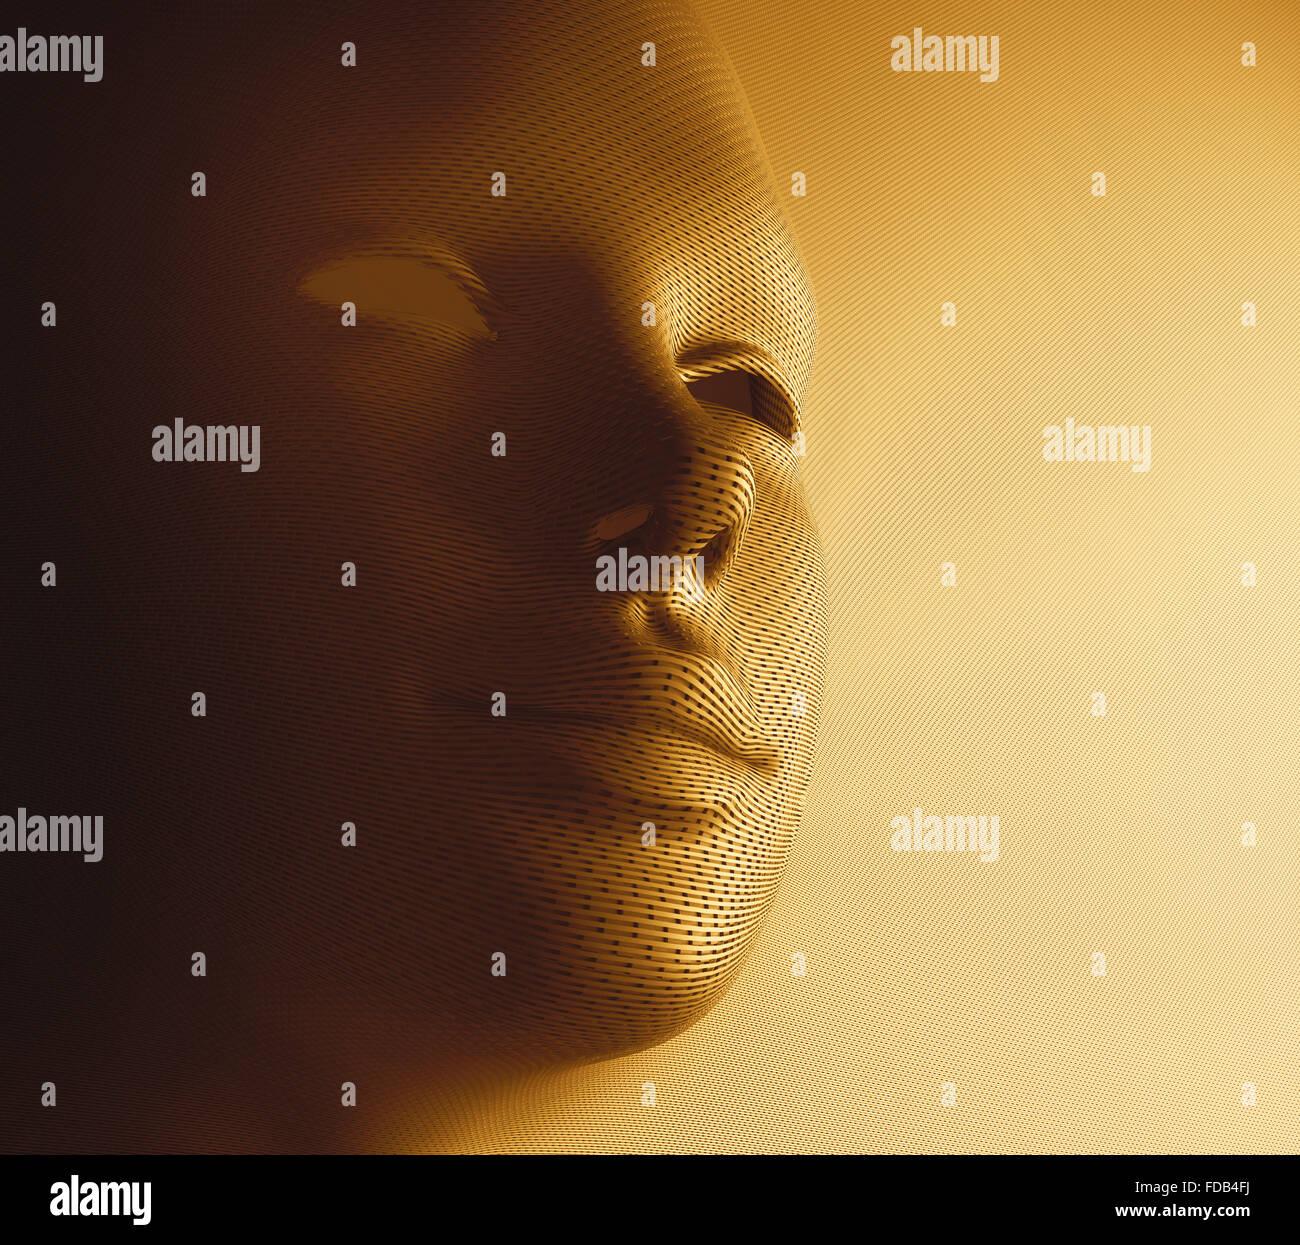 Textured volto umano nella maschera d'oro formato. Immagini Stock